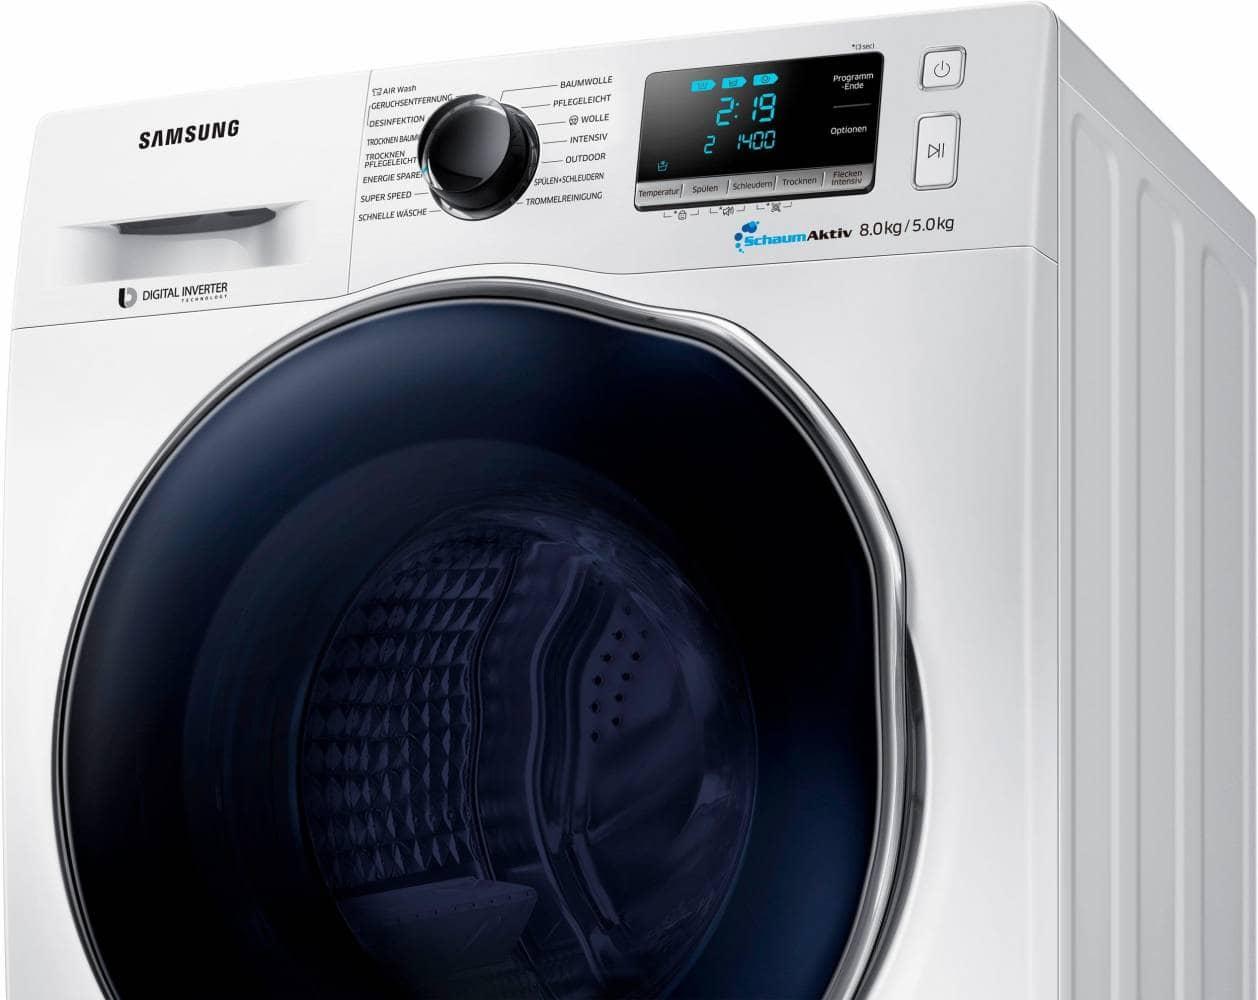 Samsung wd80j6a00aw eg waschtrockner im test 2018